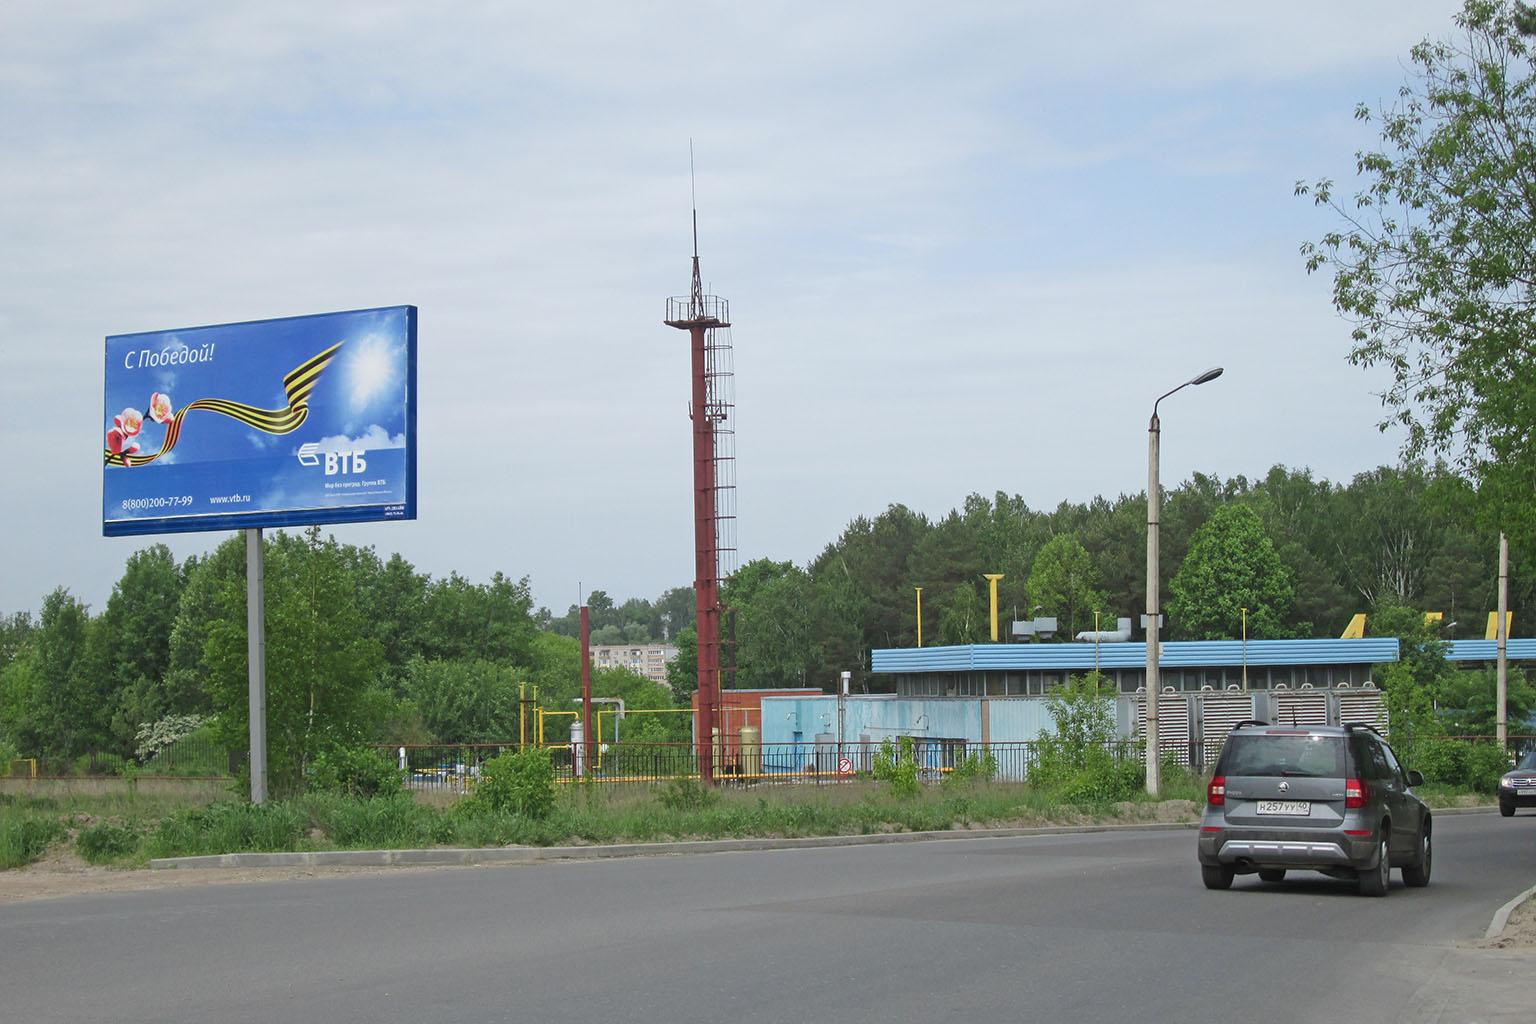 «С Победой!» - билборд Калуга, ул. Железняки